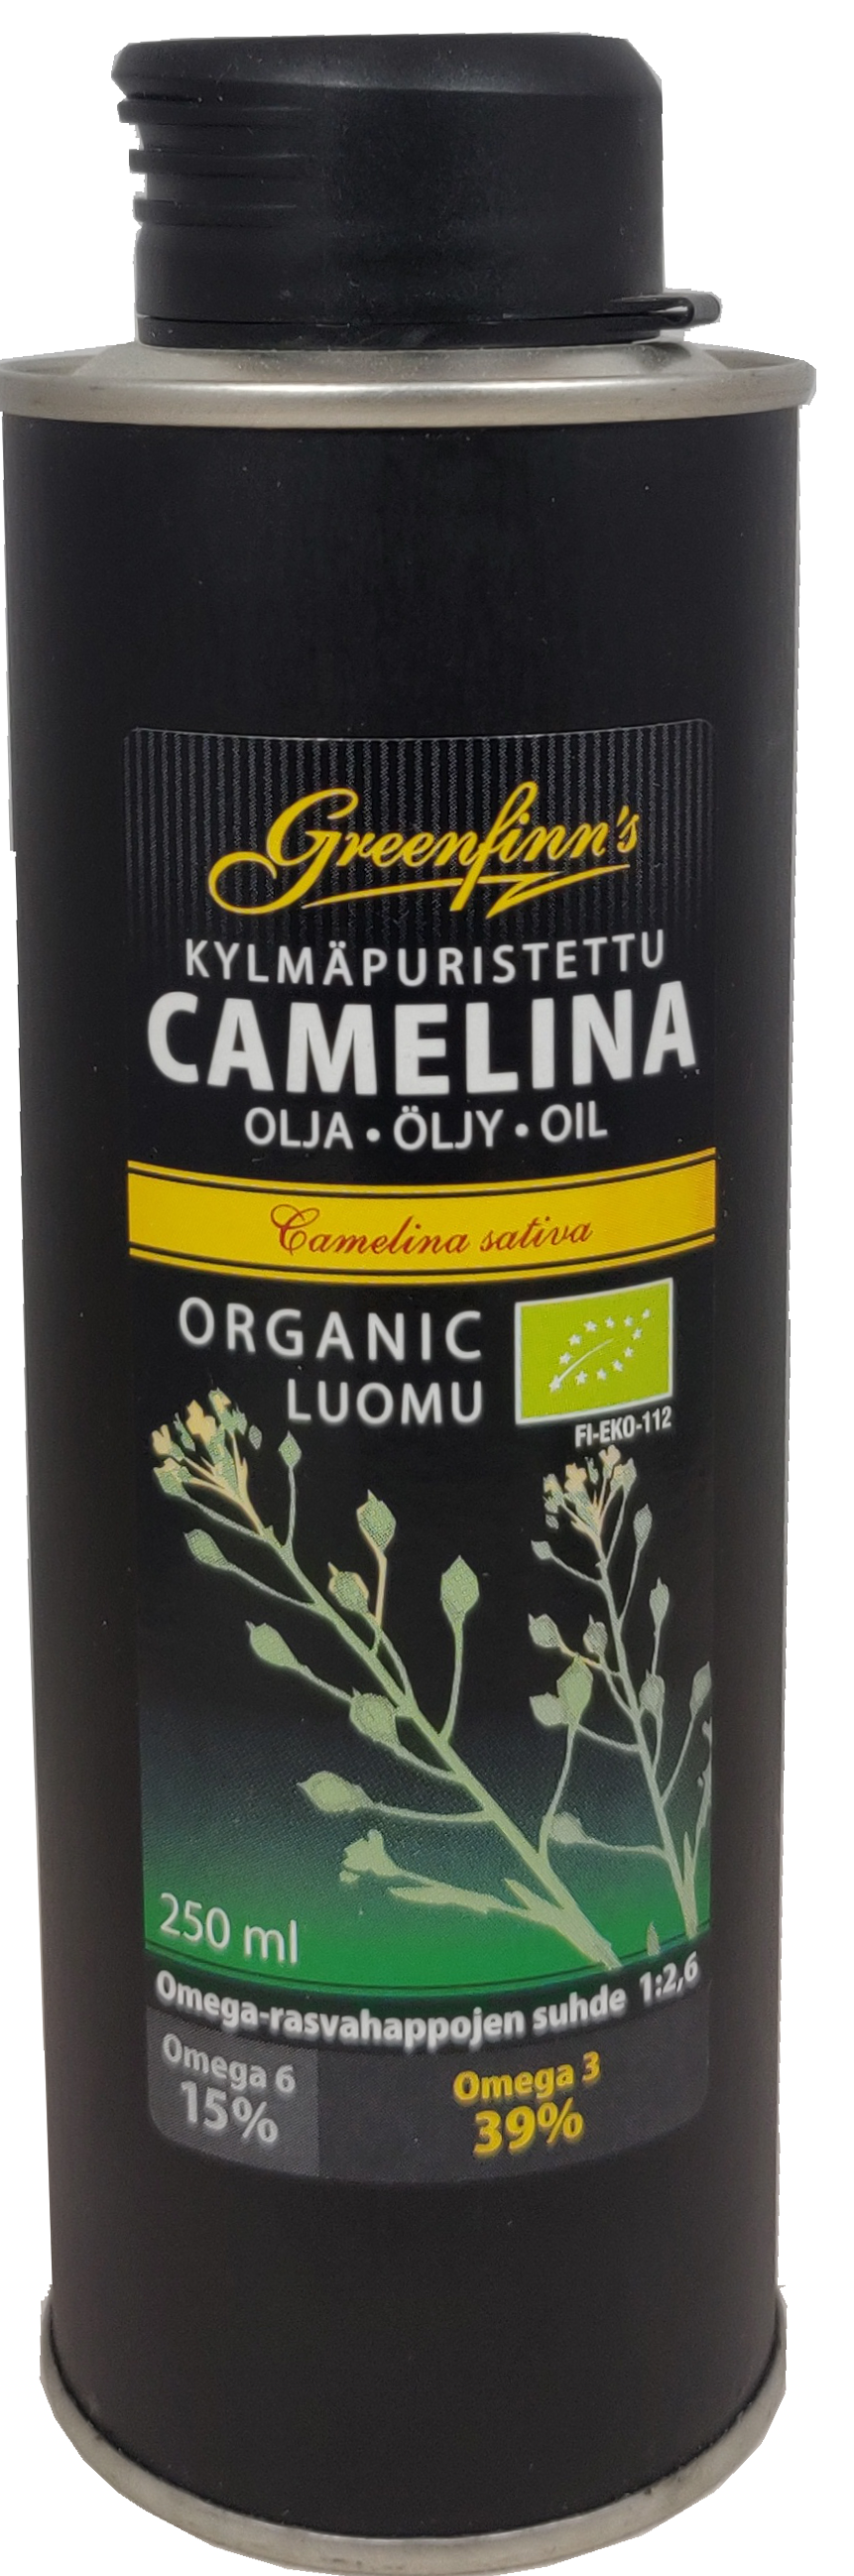 Camelina öljy